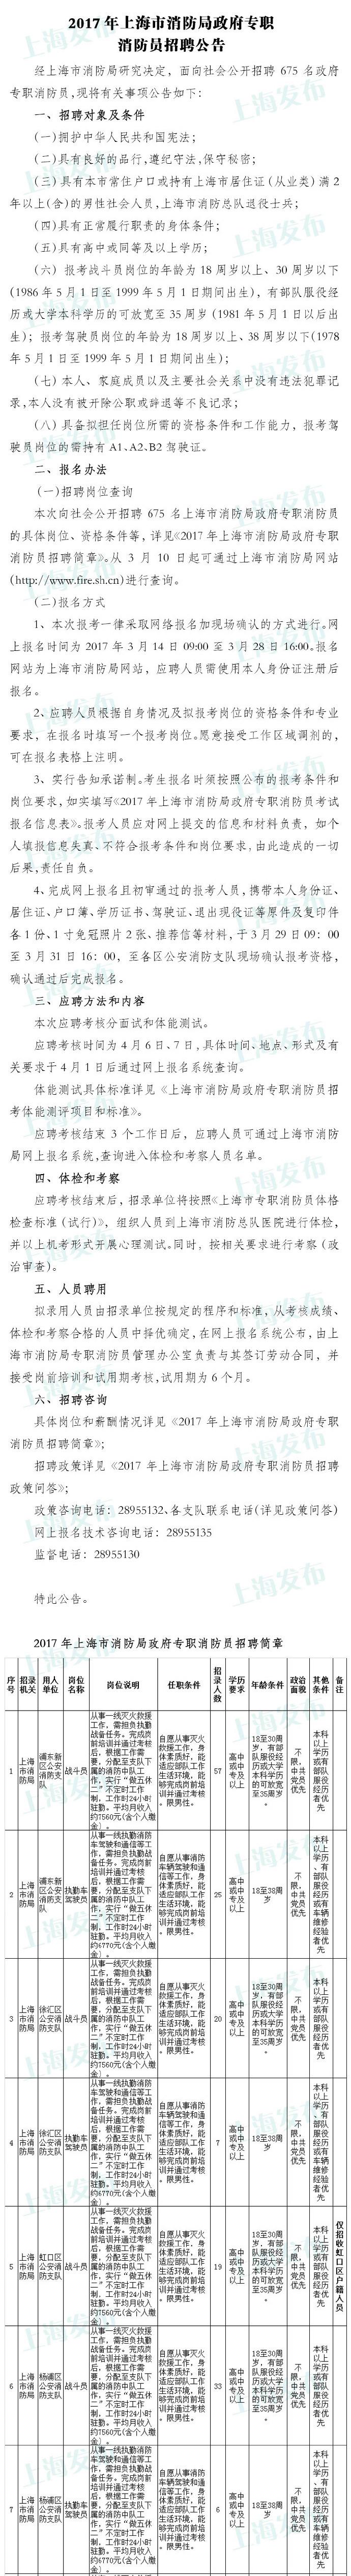 上海消防局公开招聘675名政府专职消防员